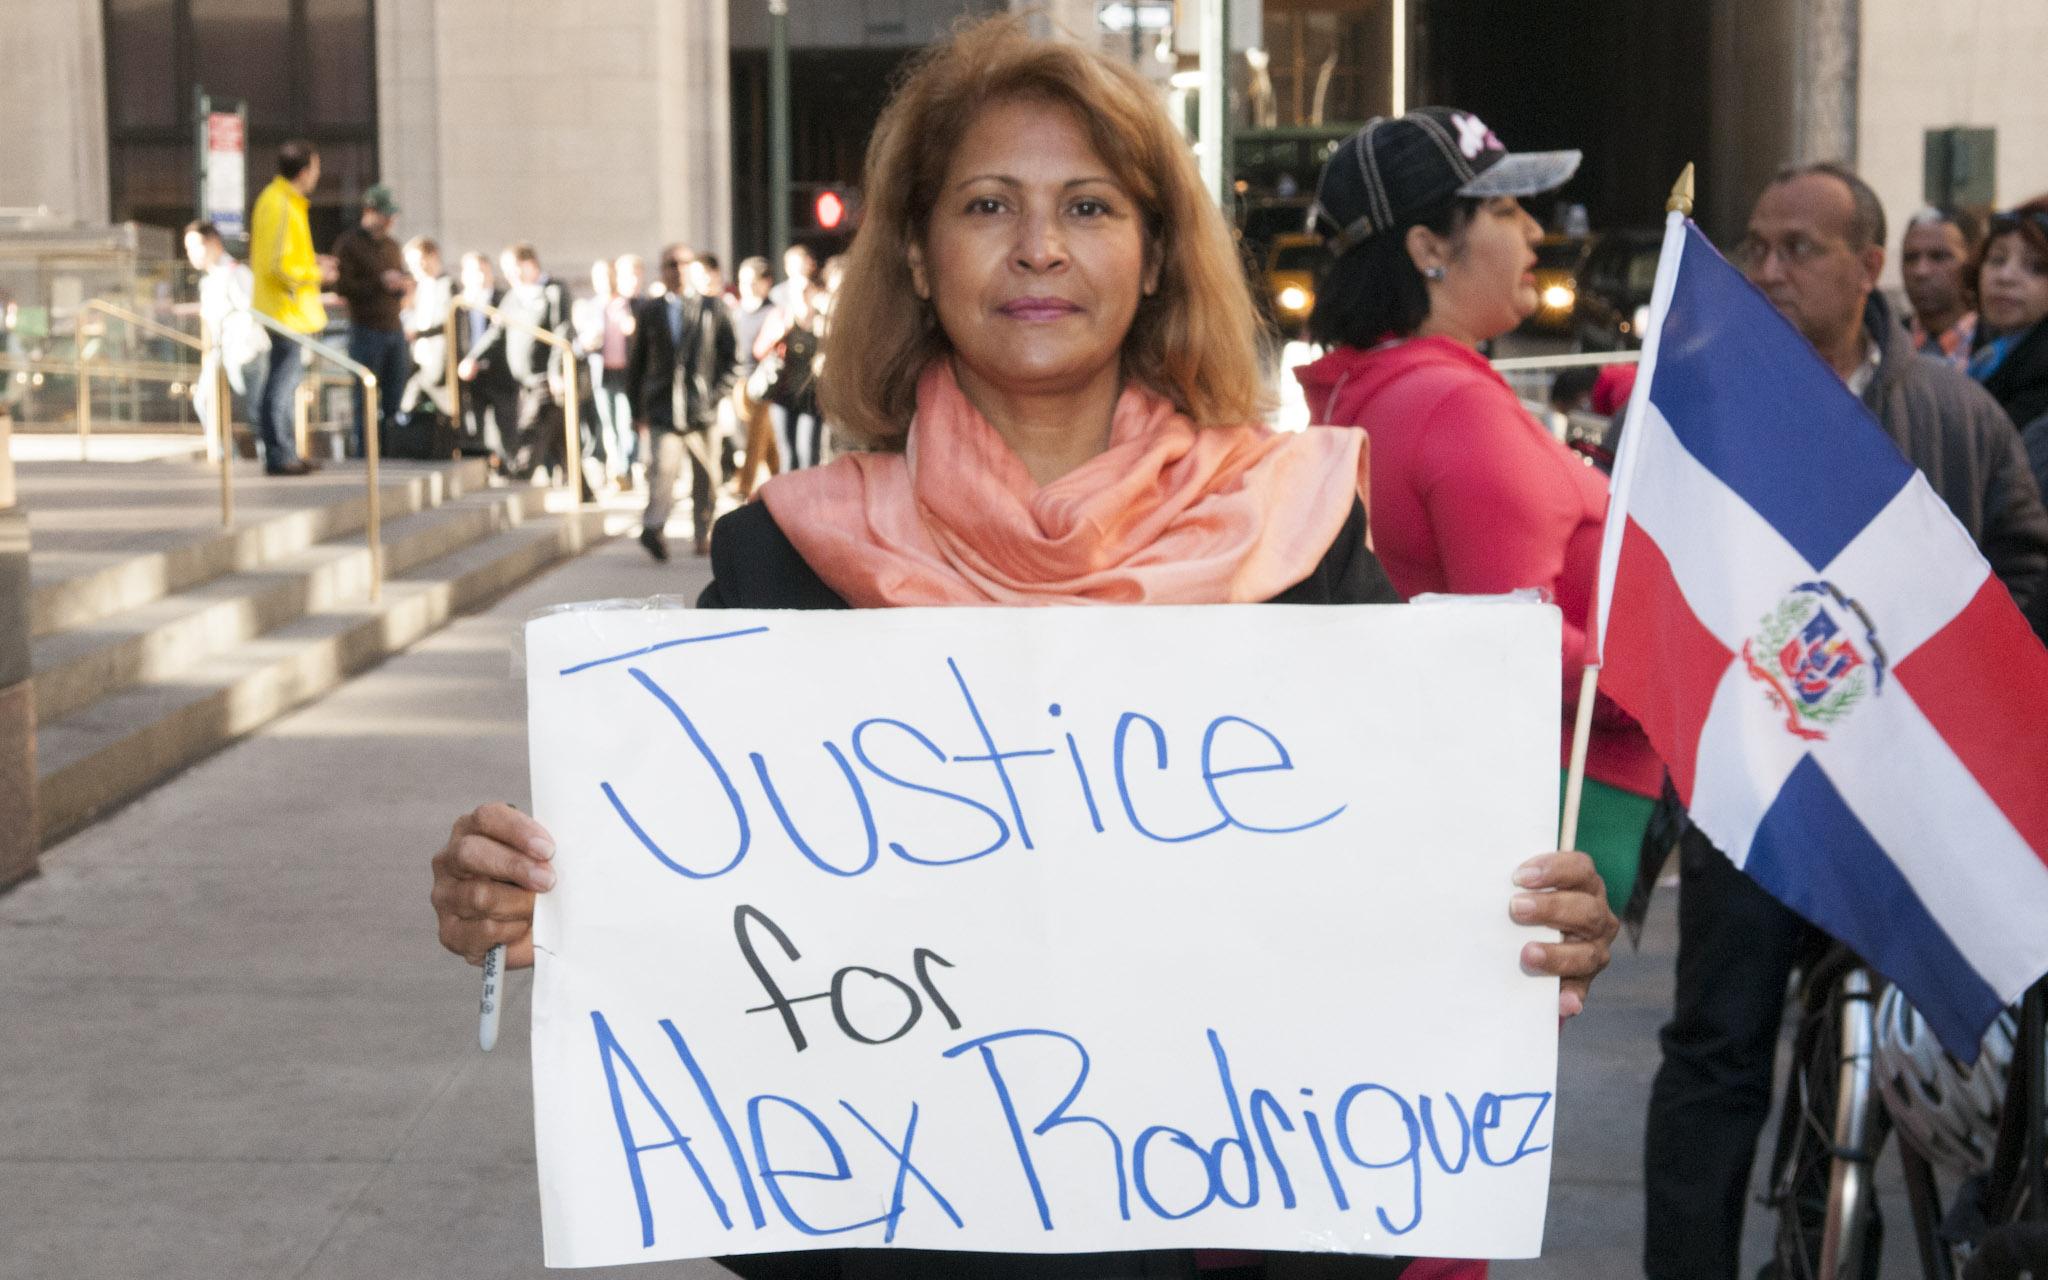 Alex Rodriguez Supporter